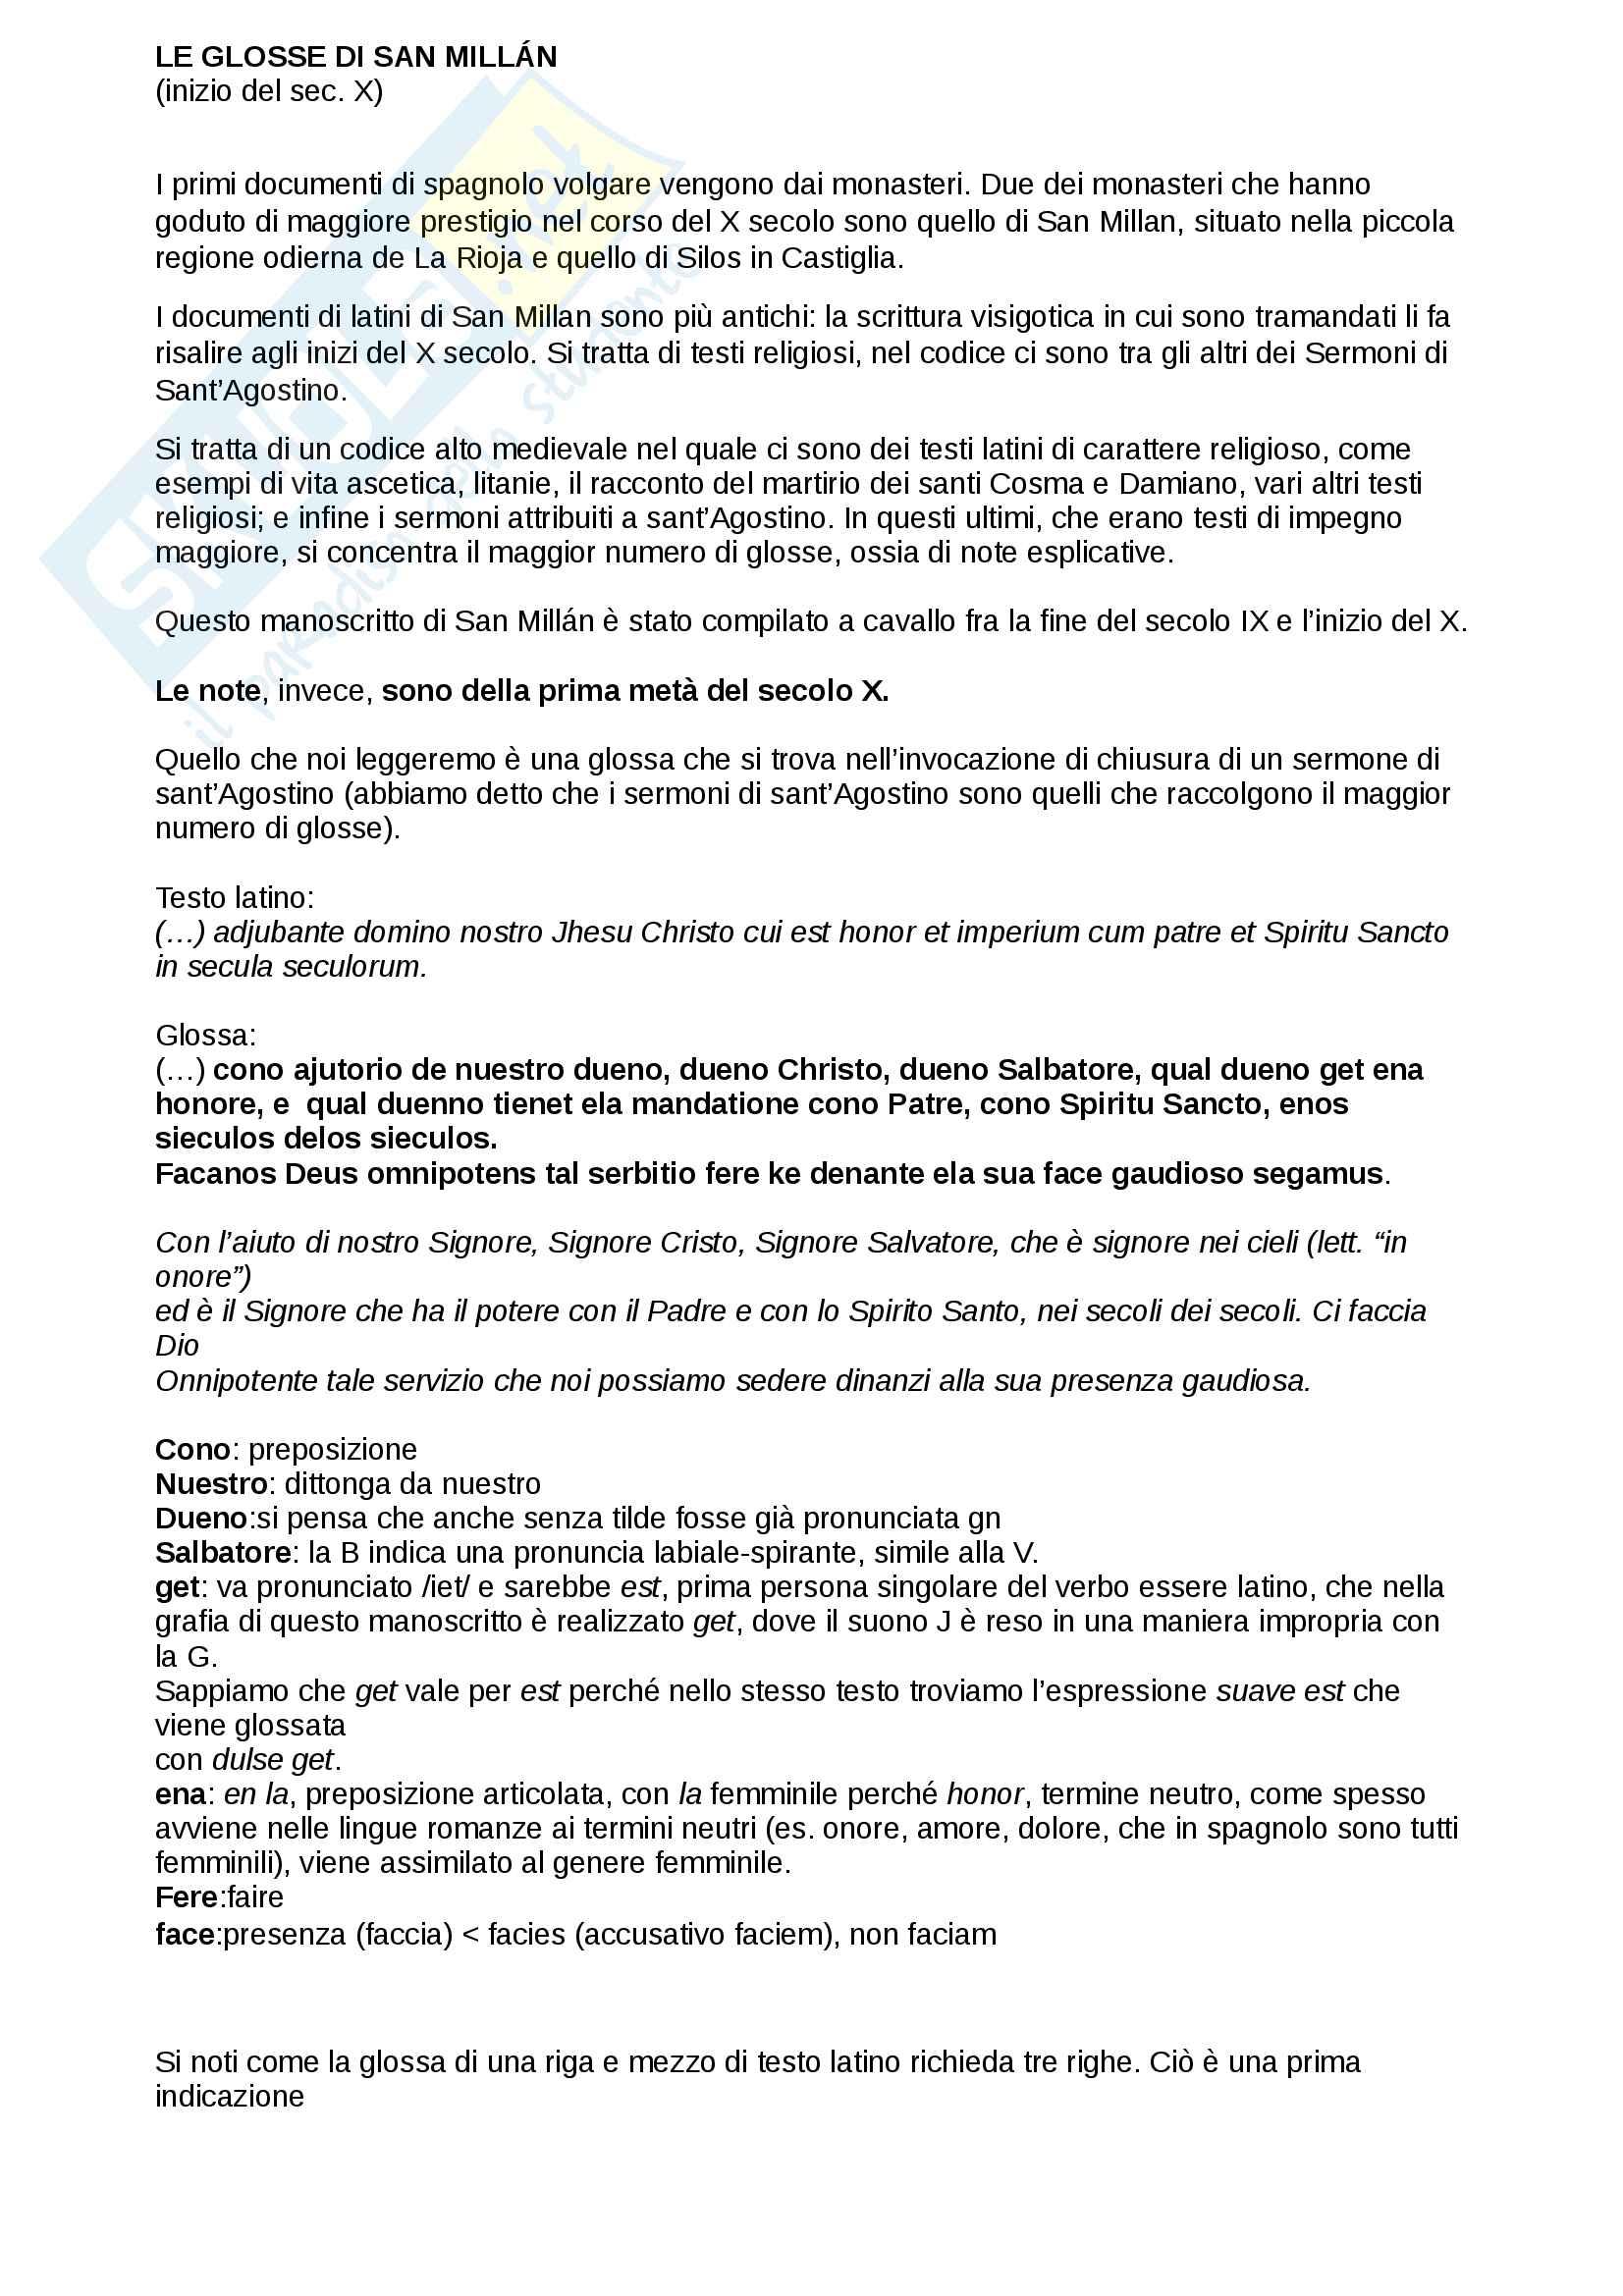 Glosse di San Millan - contesto storico e analisi linguistica